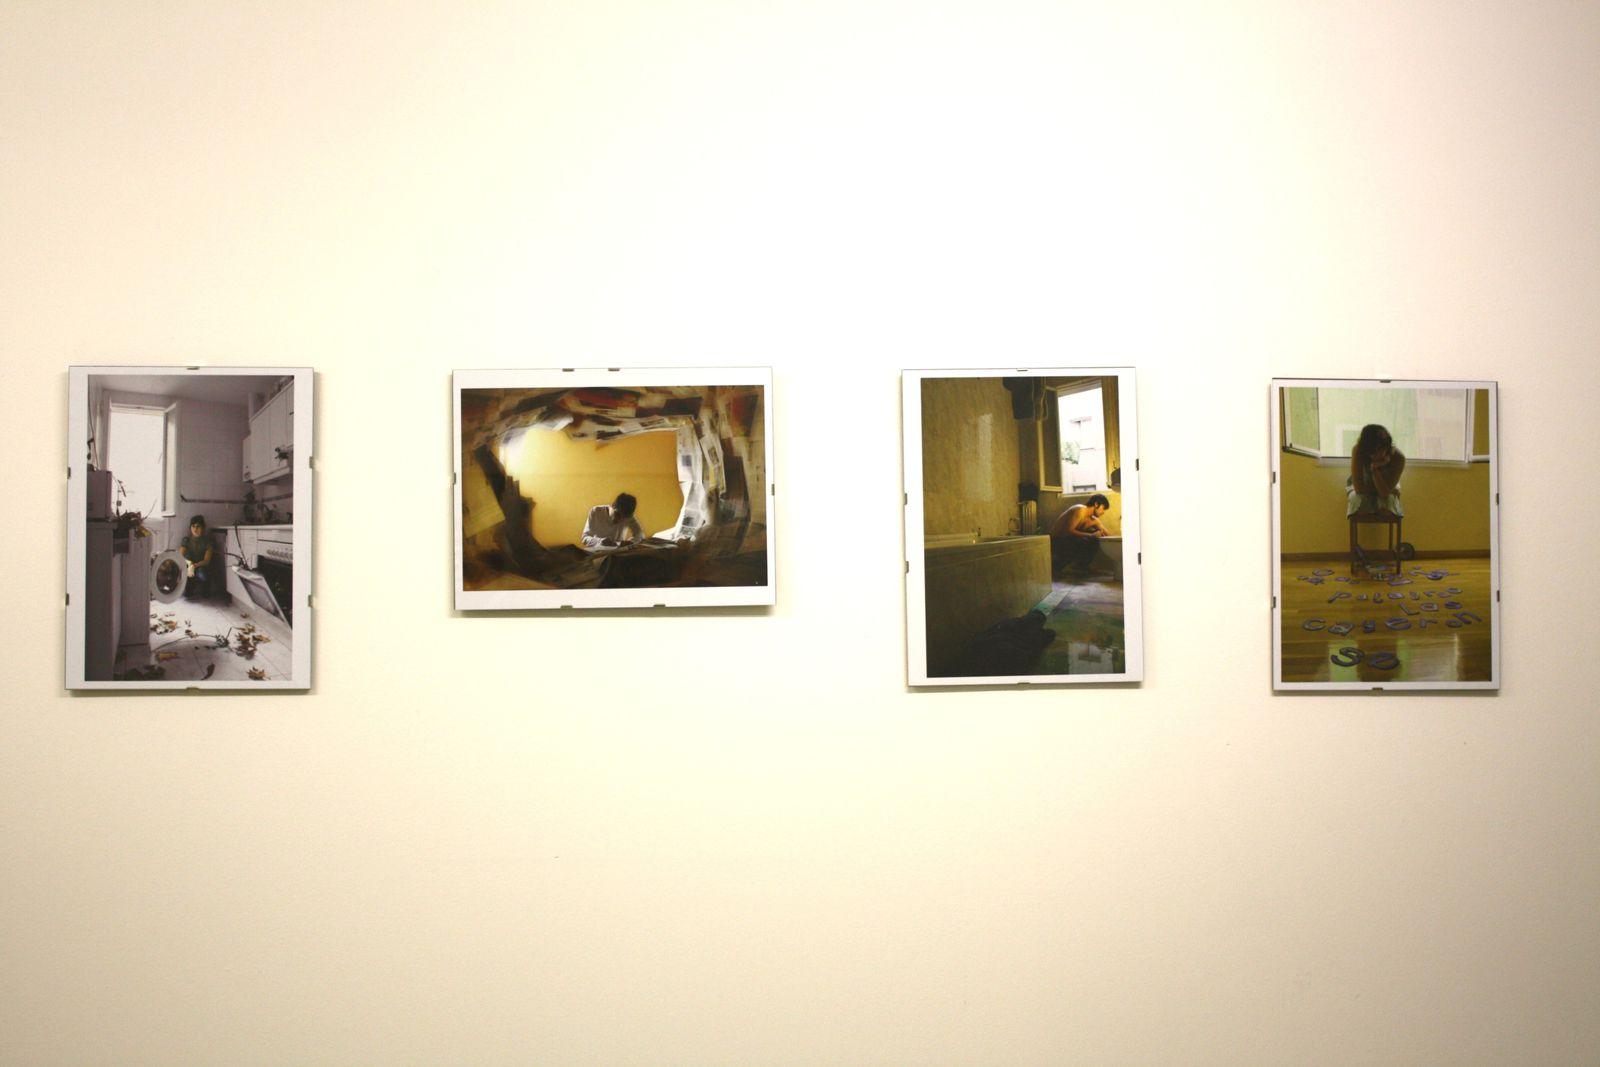 Exposition collective d'art contemporain de jeunes artistes espagnols du 13/07 au 23/07 Galerie ouverte 7j/7j de 10h à 14h et de 16h à 21havec Marutxo, Maitane Azparren Gurpegui, Mary A., Clara Sancho- Arroyo Cañada, Jesús Massó Valdés,